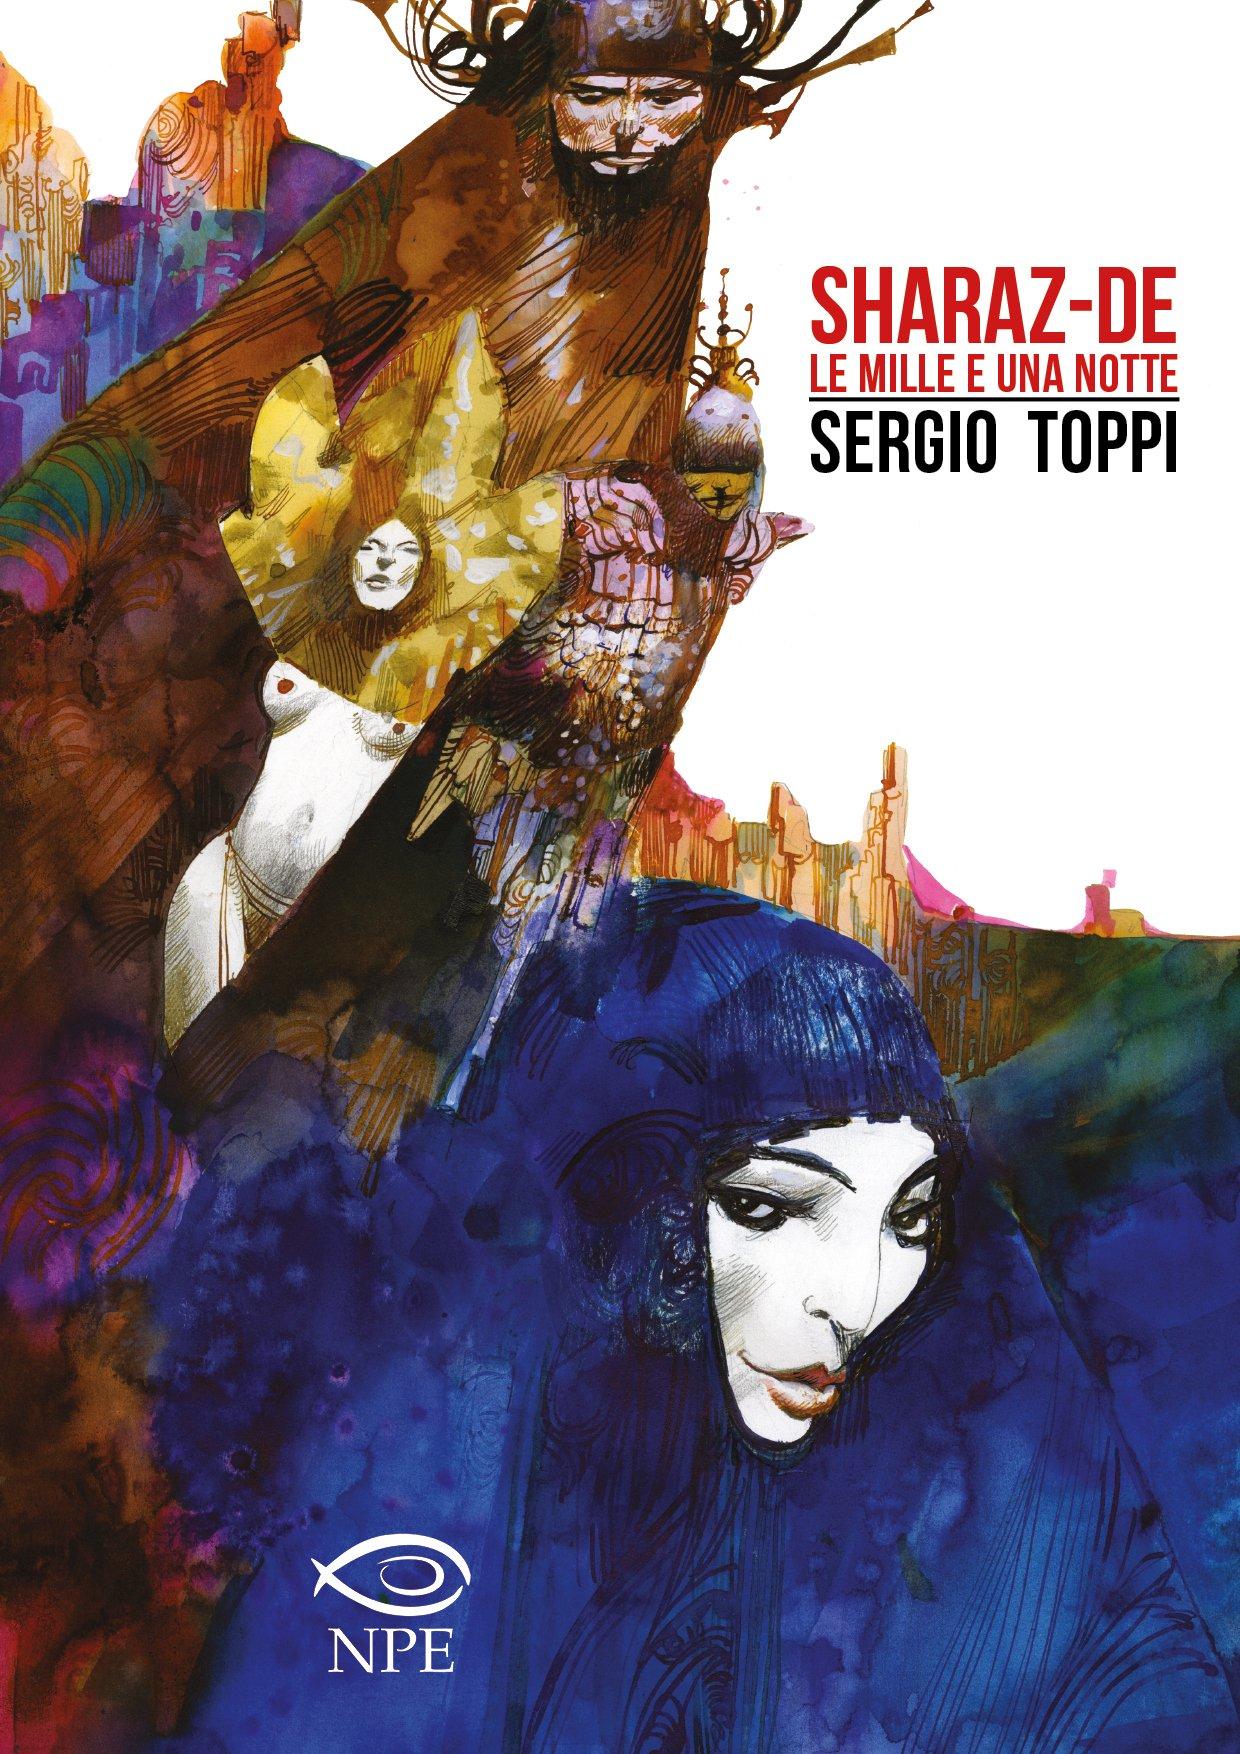 Sharaz-de. Le mille e una notte di Sergio Toppi graphic novel